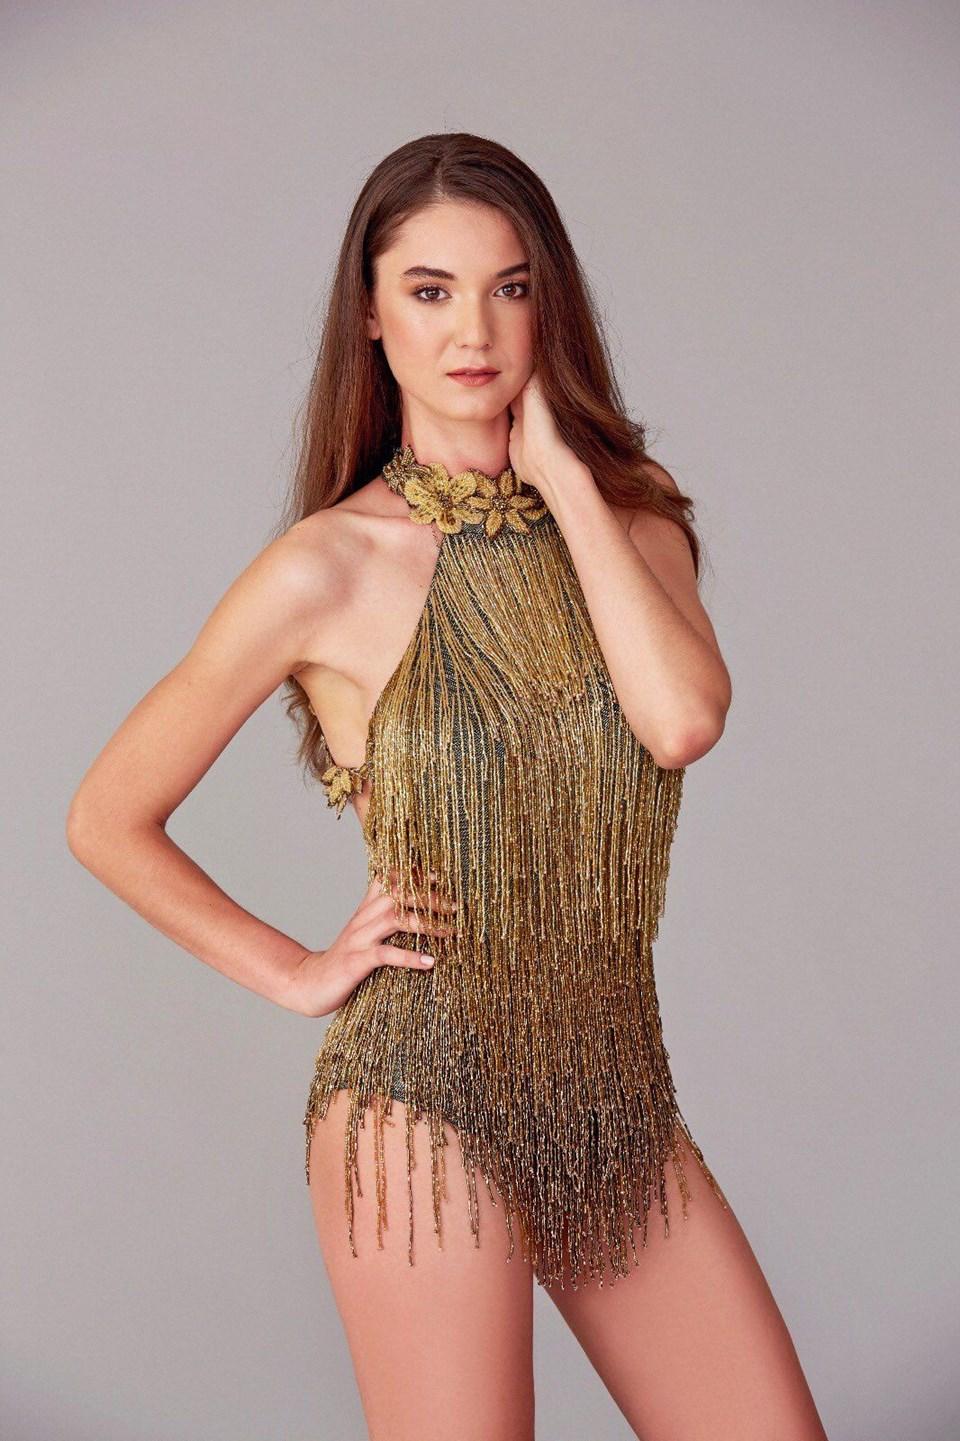 Tuna Salon, Miss Turkey 2018